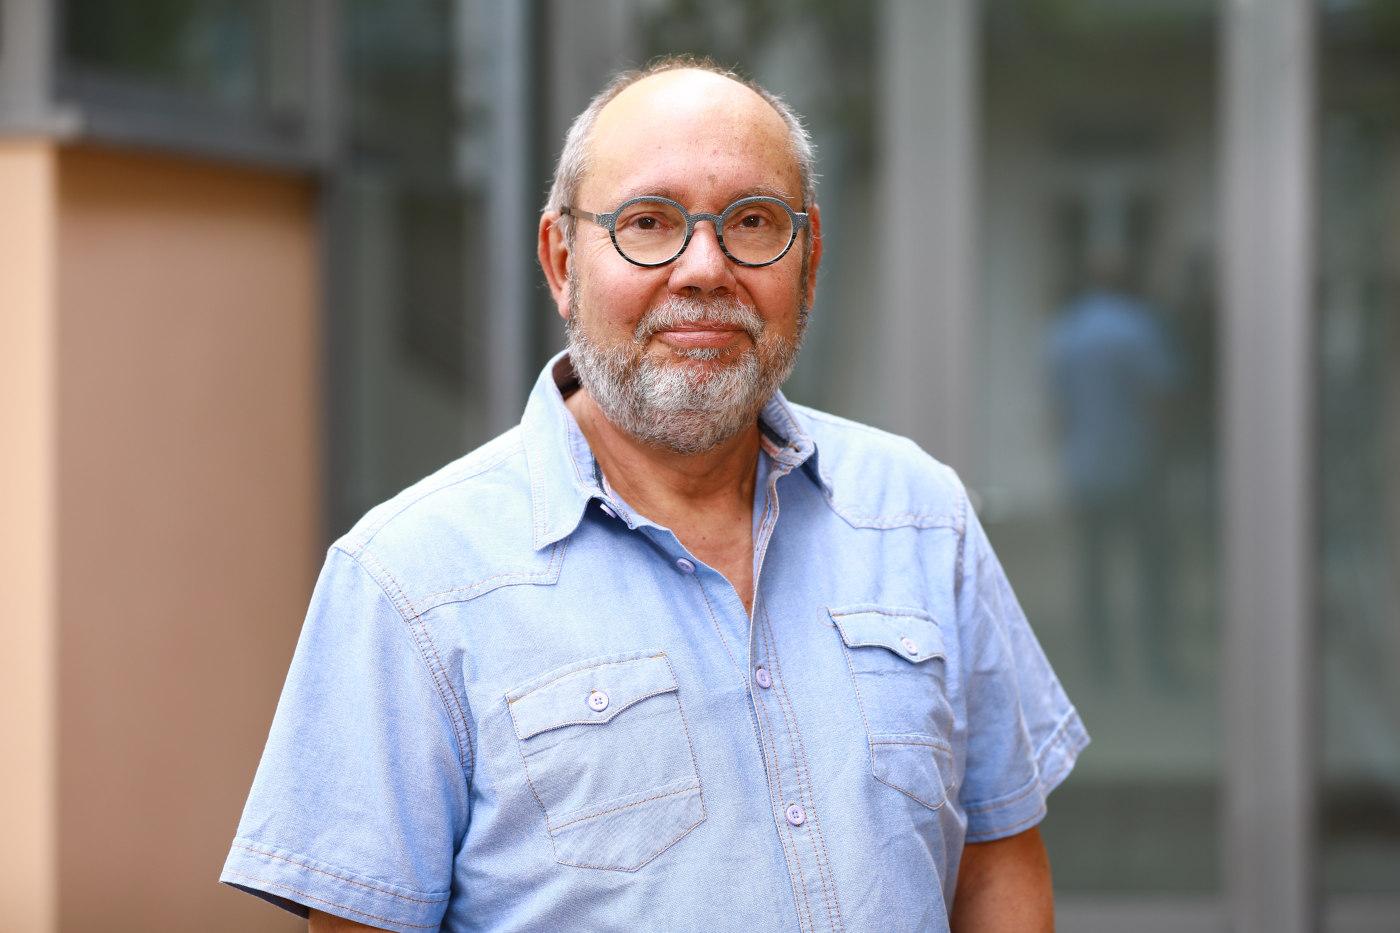 Detlef Opitz Portrait